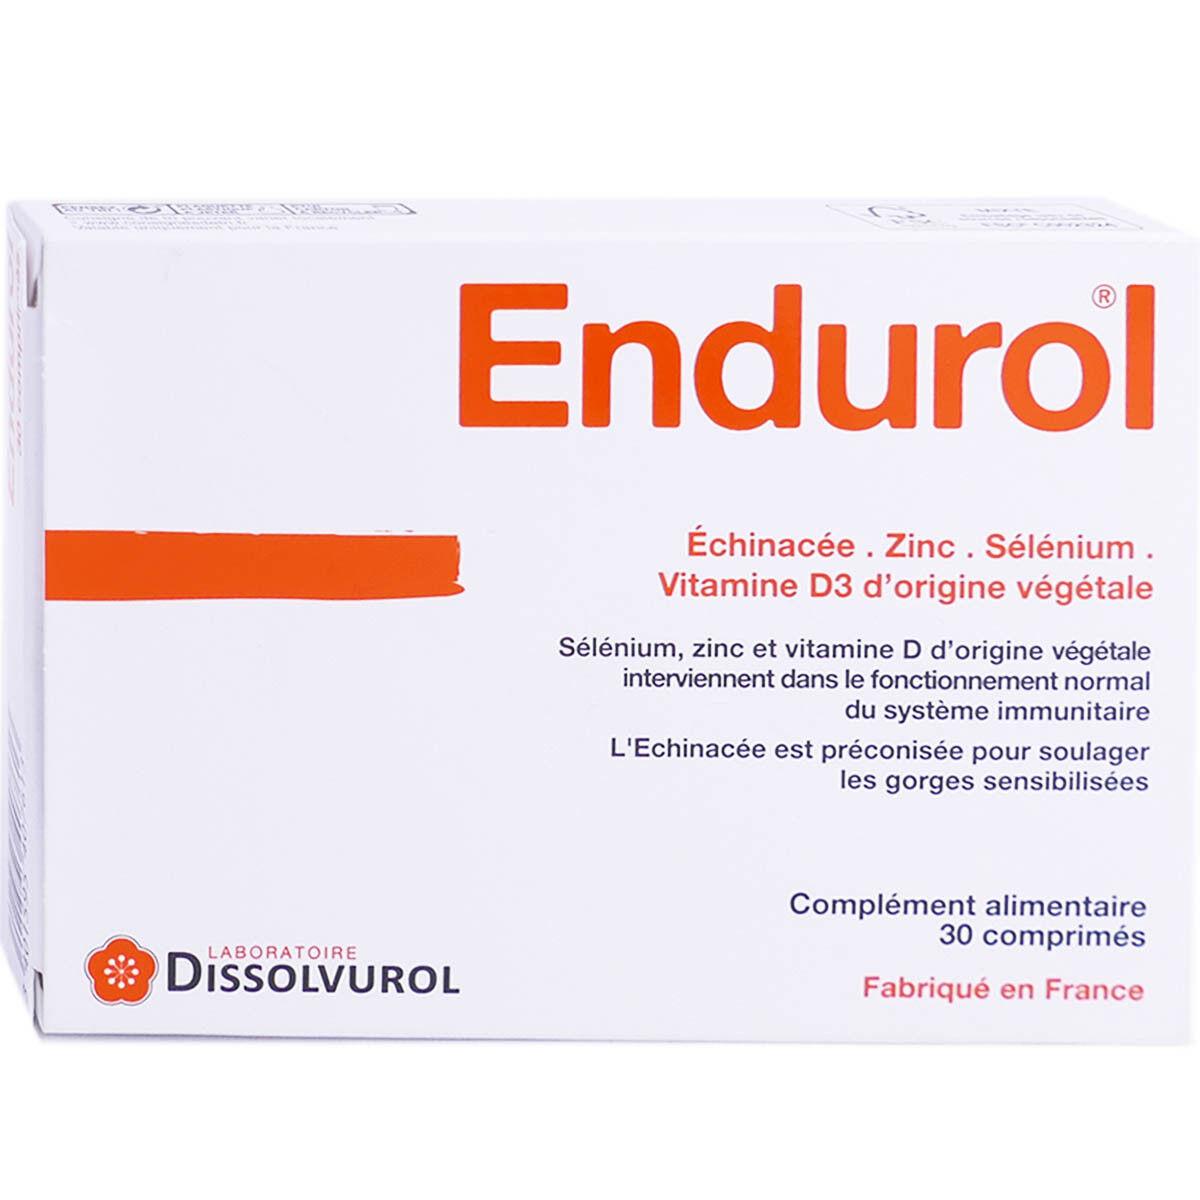 DISSOLVUROL Endurol complement alimentaire comprimes x30